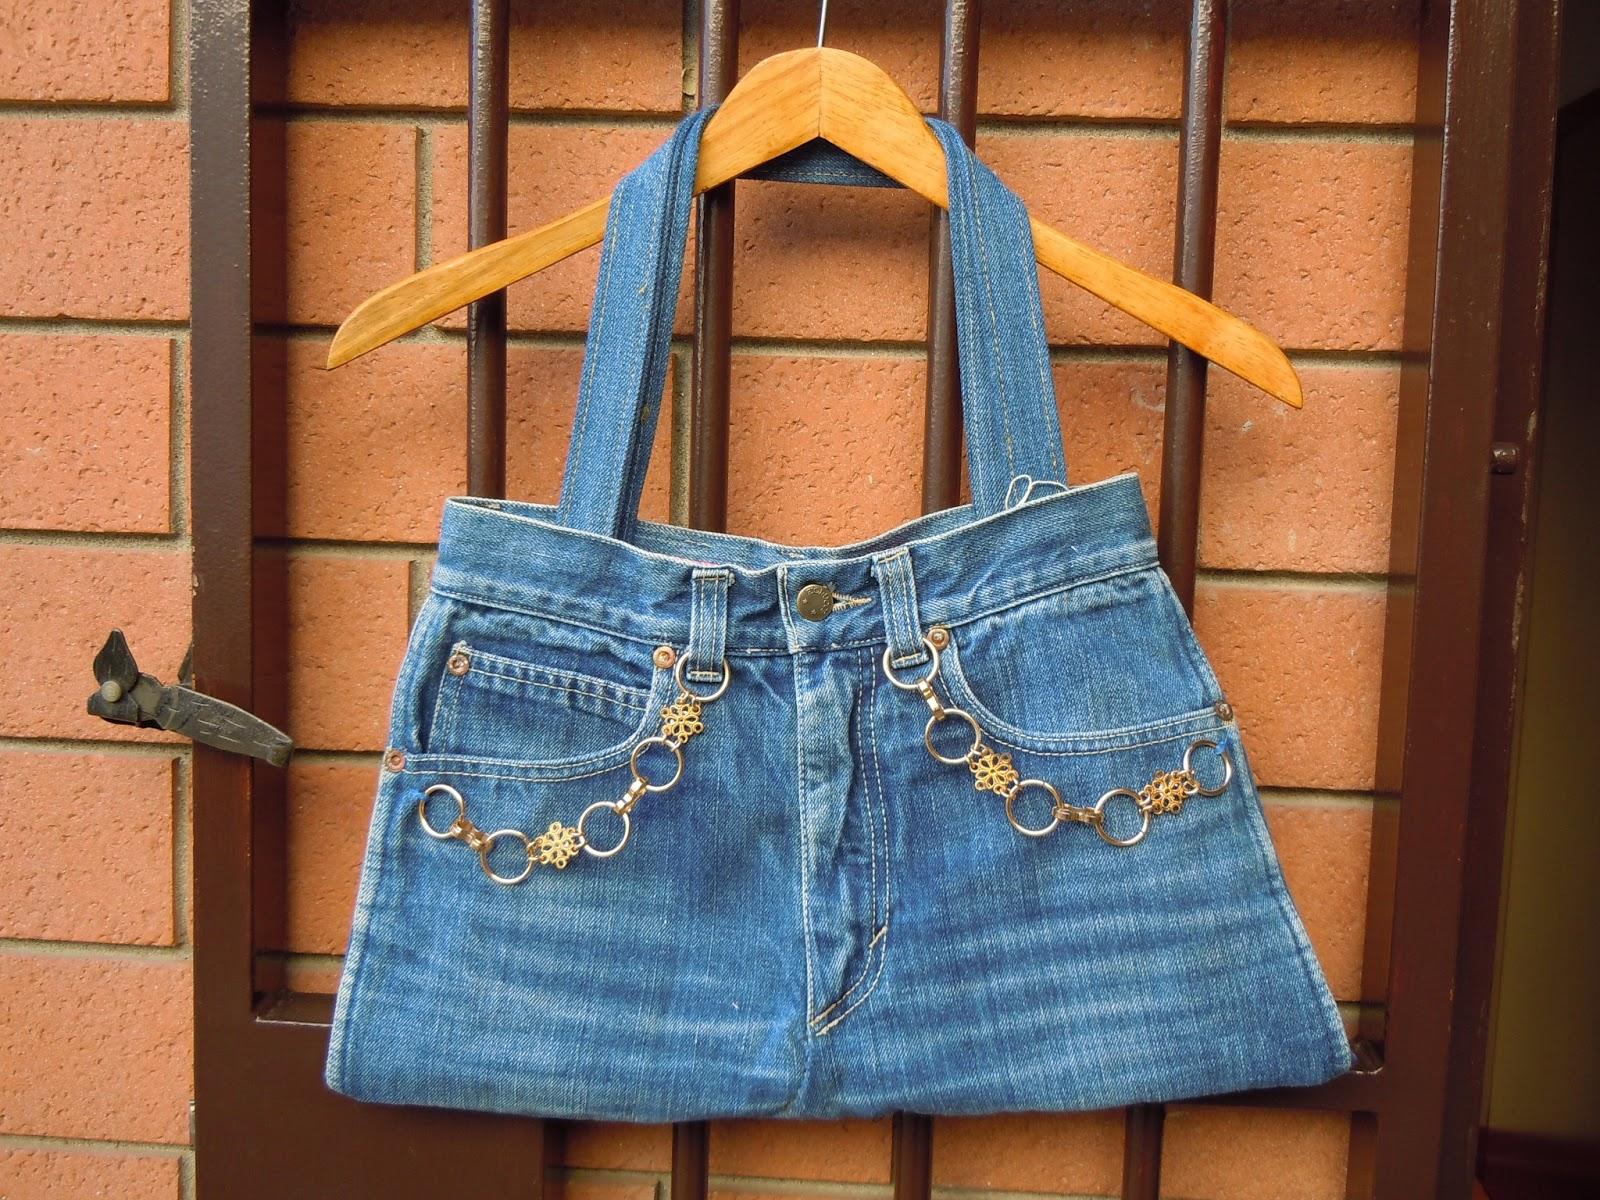 Borse Fatte A Mano Con I Jeans : Soul food to go borse di jeans fatte con i